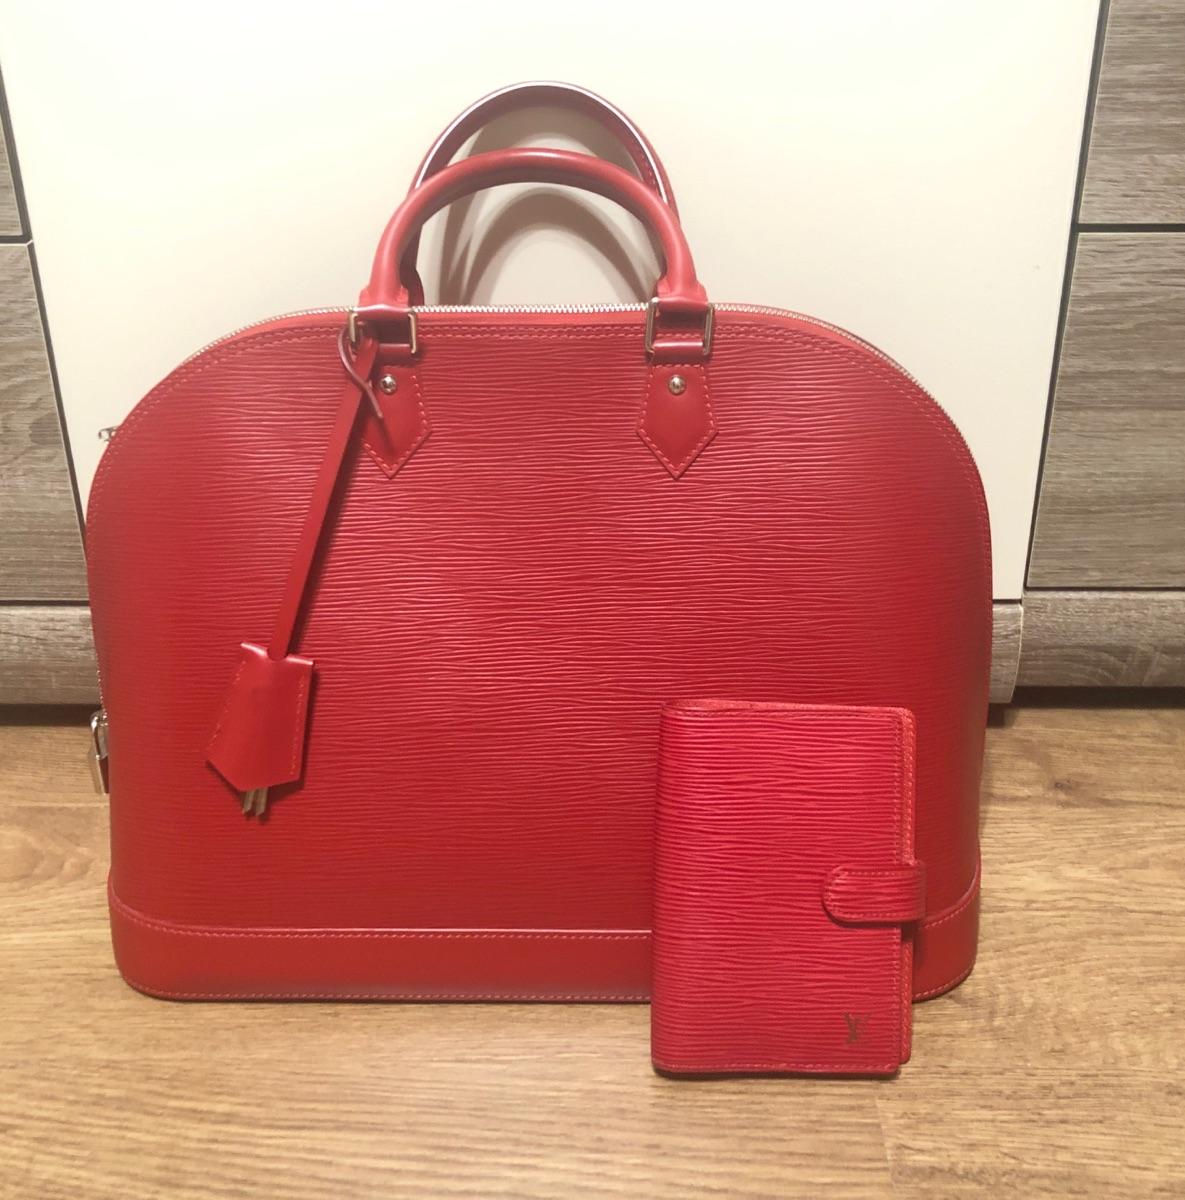 e16770106203 Купить среднюю сумку Louis Vuitton за 60000 руб. в интернет магазине ...